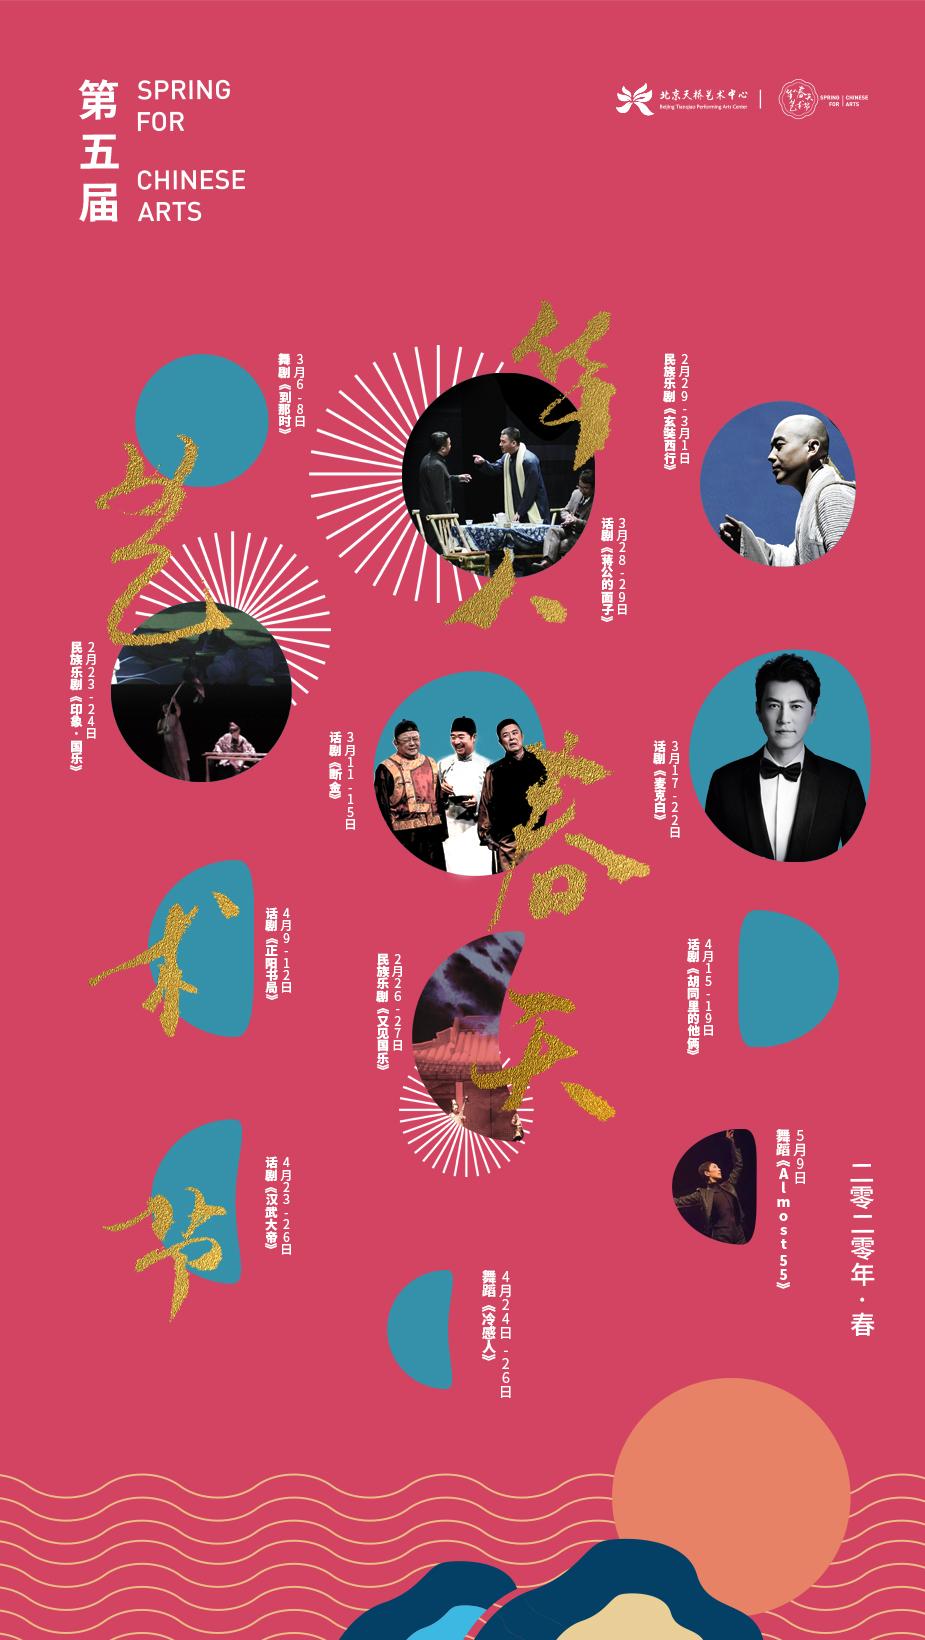 第五屆 華人春天藝術節